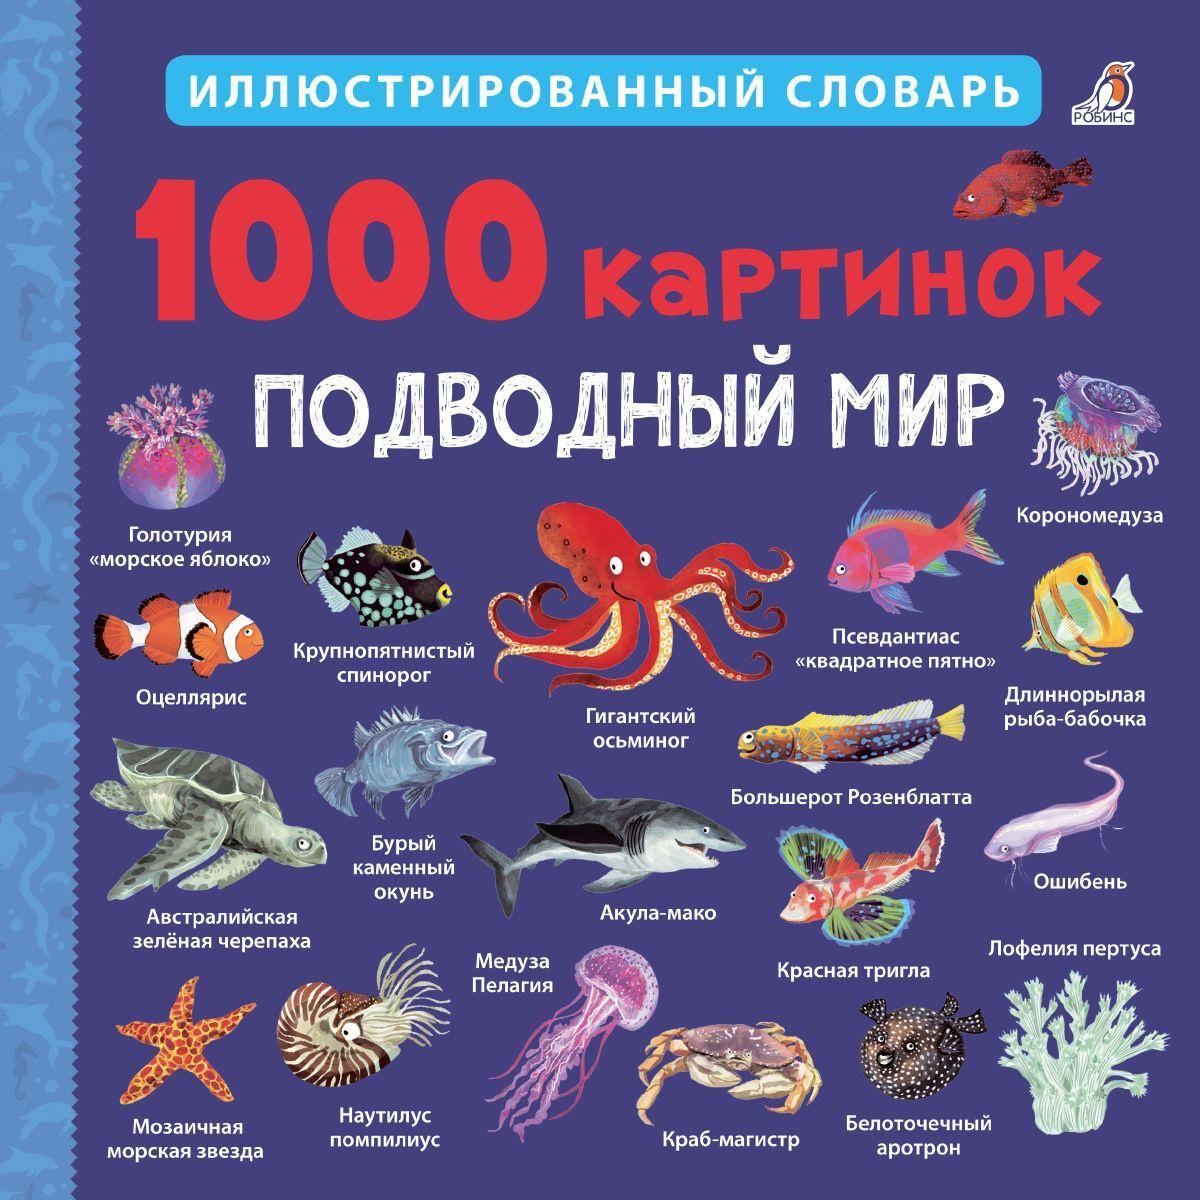 1000 картинок. Подводный мир #1